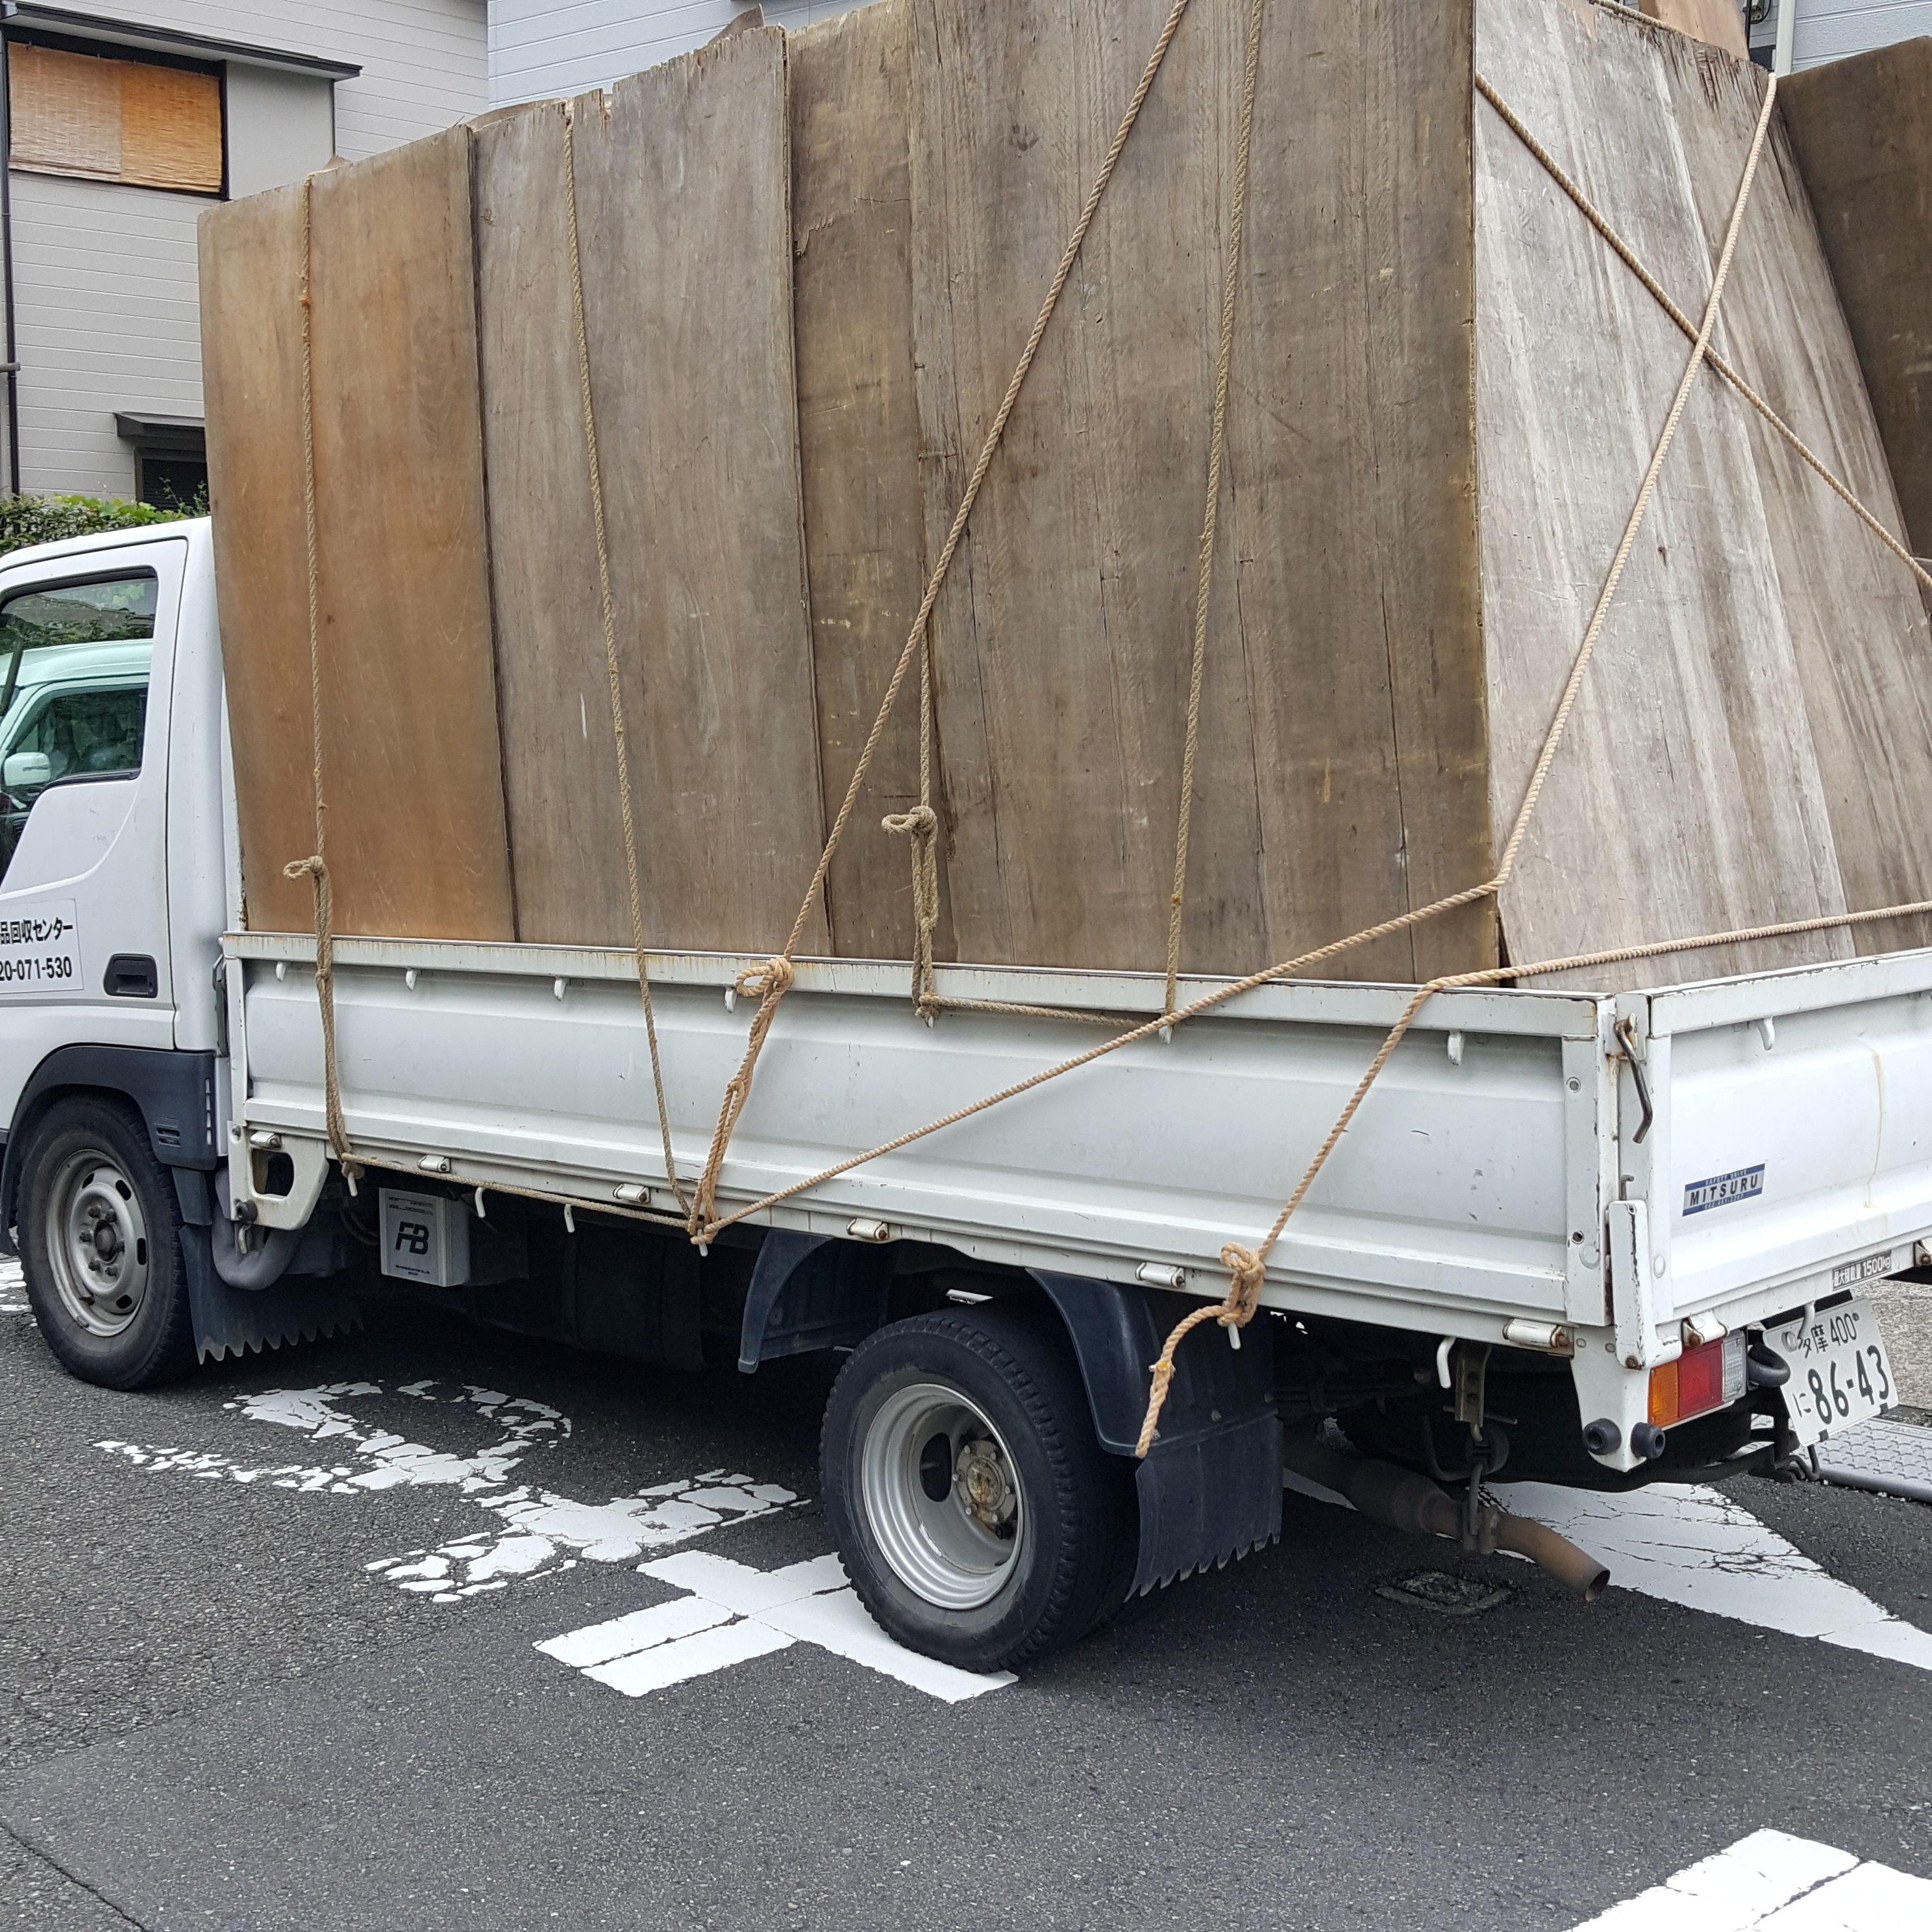 神奈川県相模原市 2DK階段3階ごみ屋敷の片付け